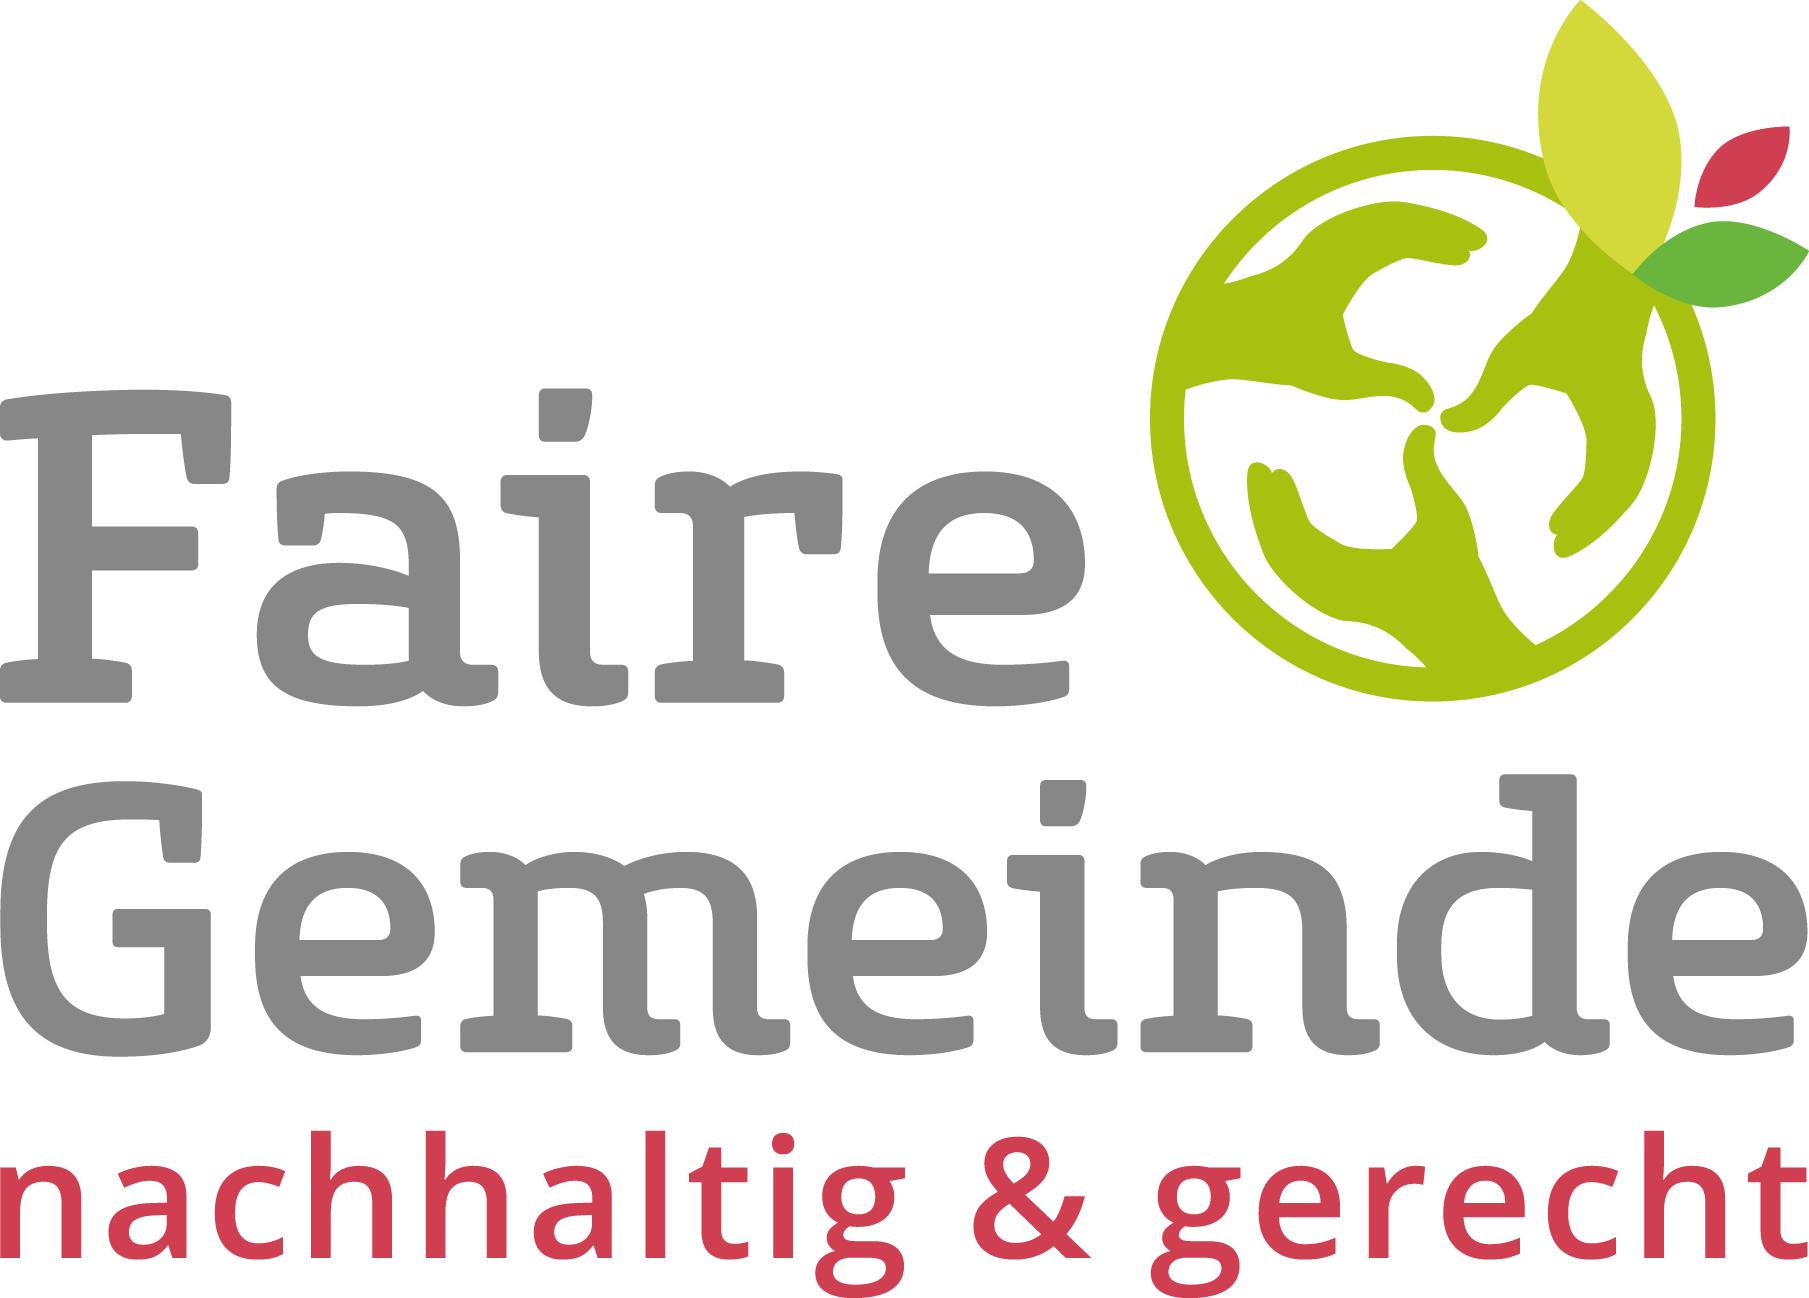 Faire Gemeinde - nachhaltig und gerecht